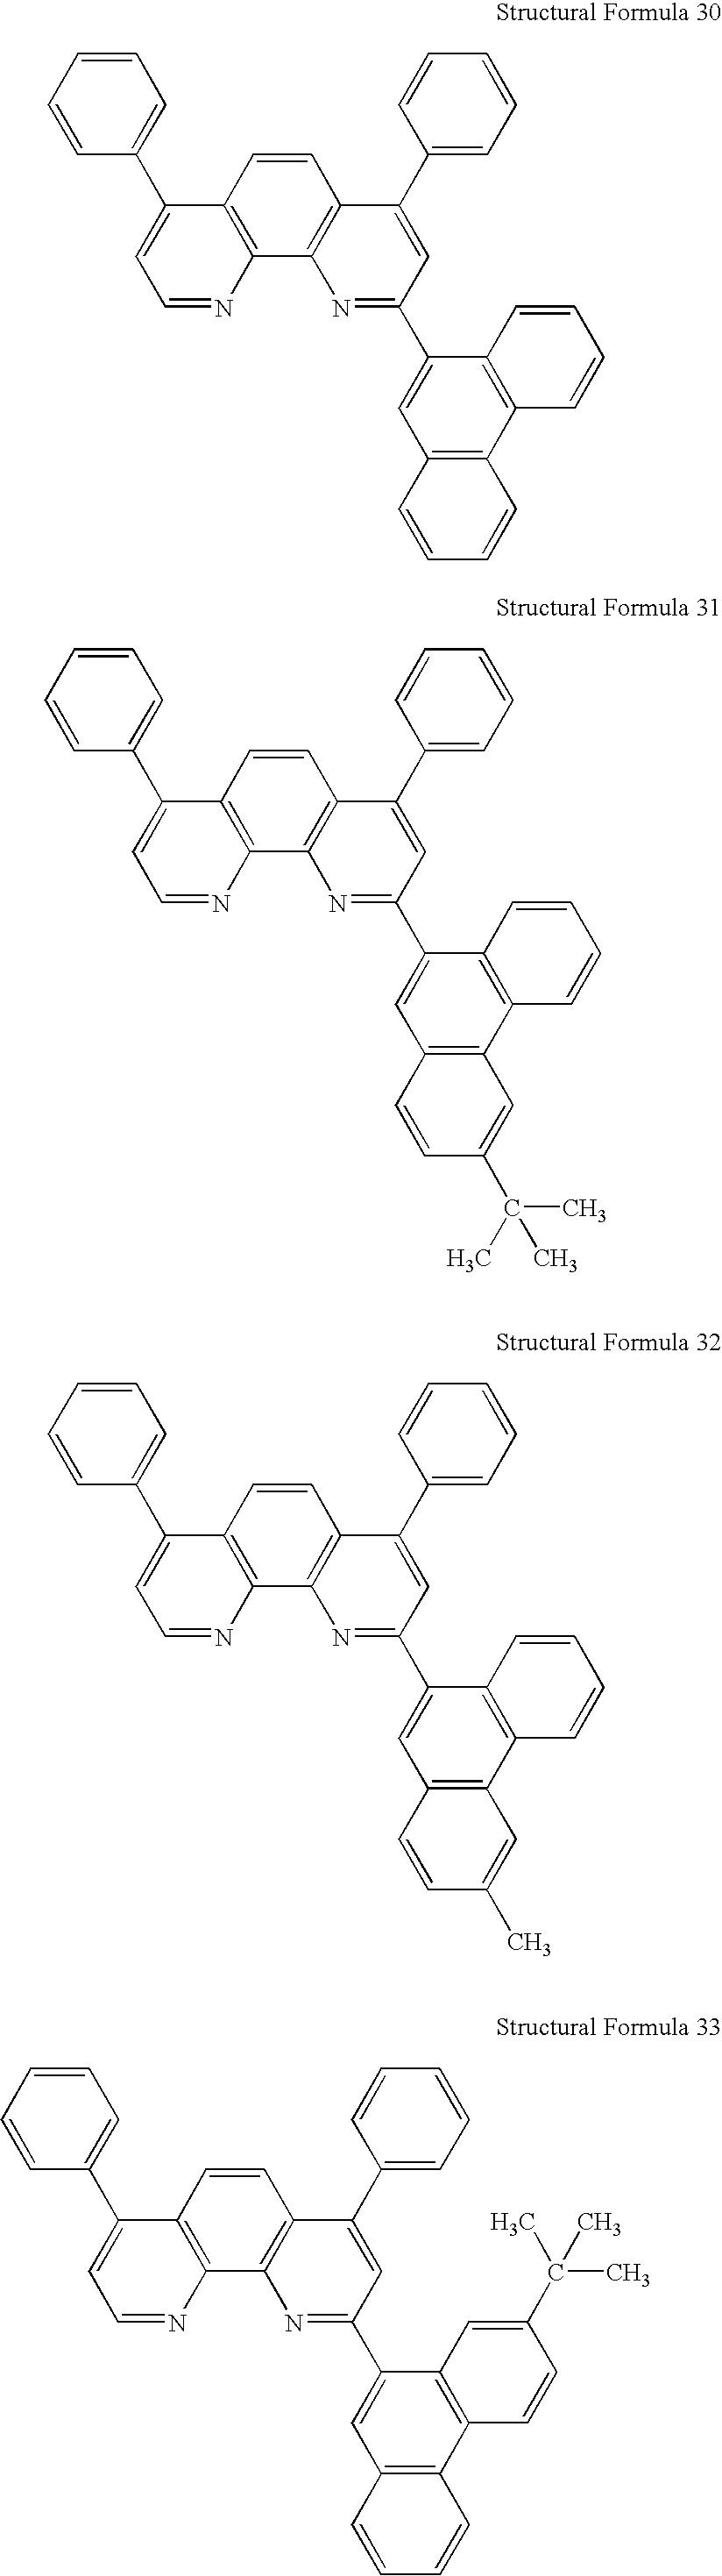 Figure US20070037983A1-20070215-C00016